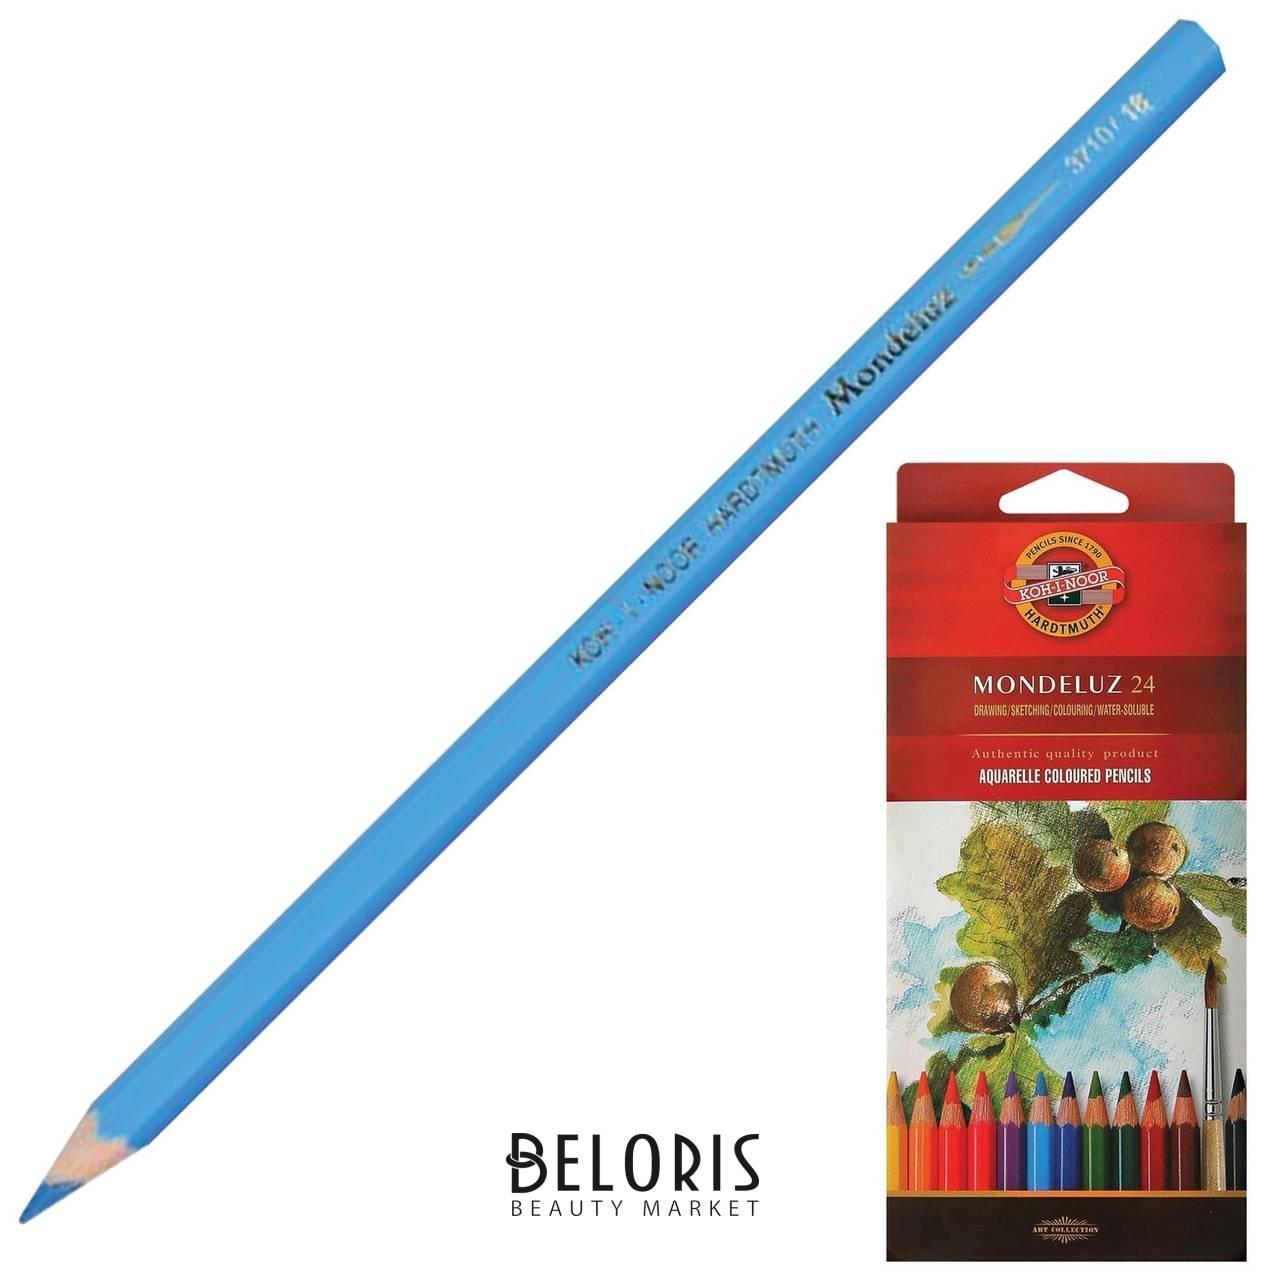 Карандаши цветные акварельные художественные 24 цвета, 3,8 мм Mondeluz Koh-i-noor